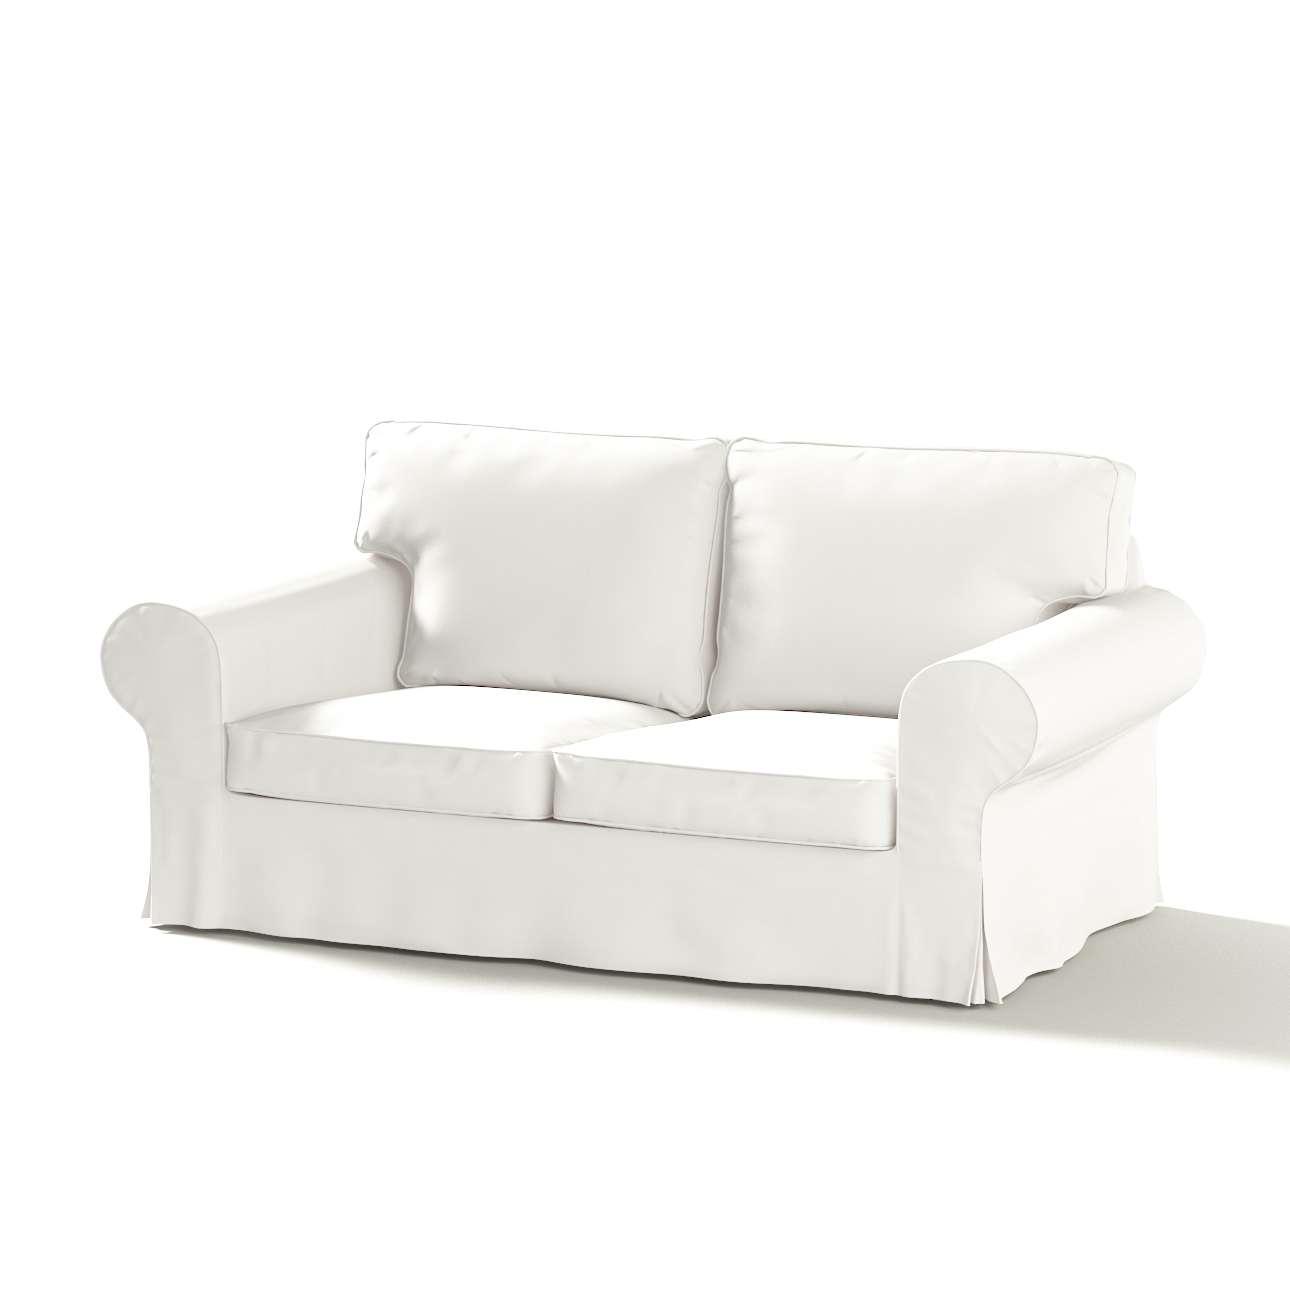 Potah na pohovku IKEA  Ektorp 2-místná, nerozkládací pohovka Ektorp 2-místná v kolekci Cotton Panama, látka: 702-34